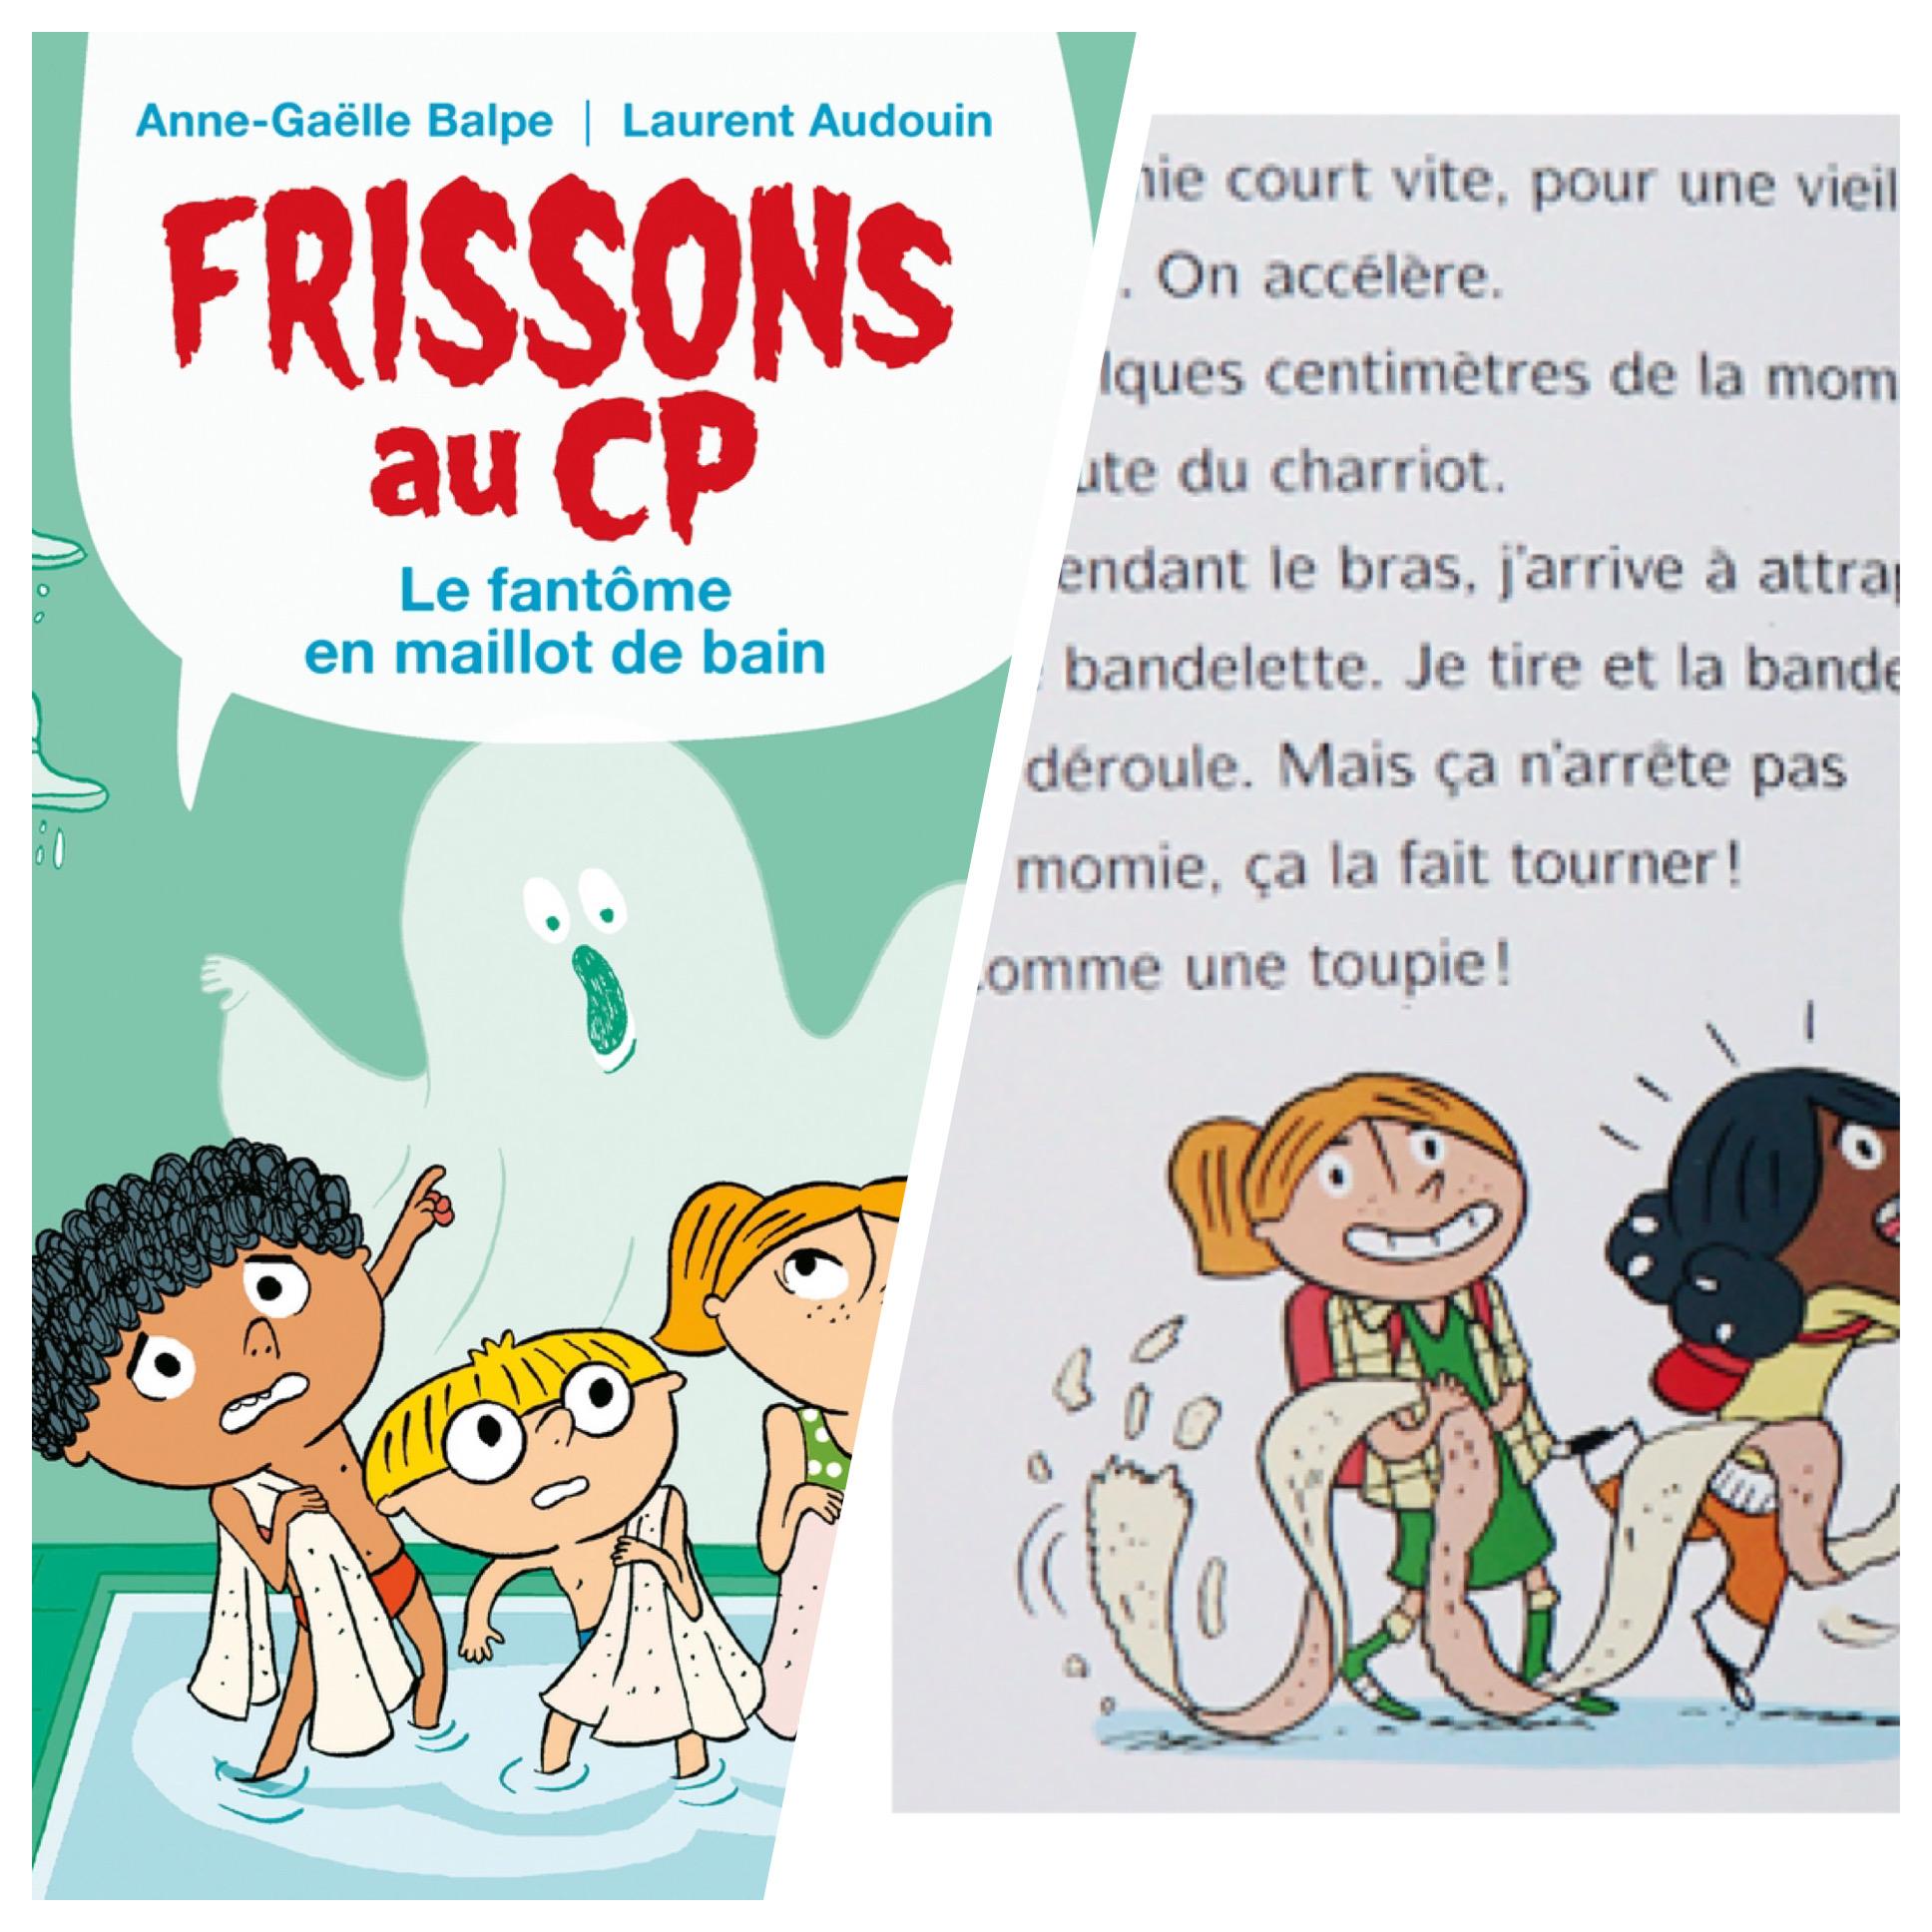 Frissons_au_cp